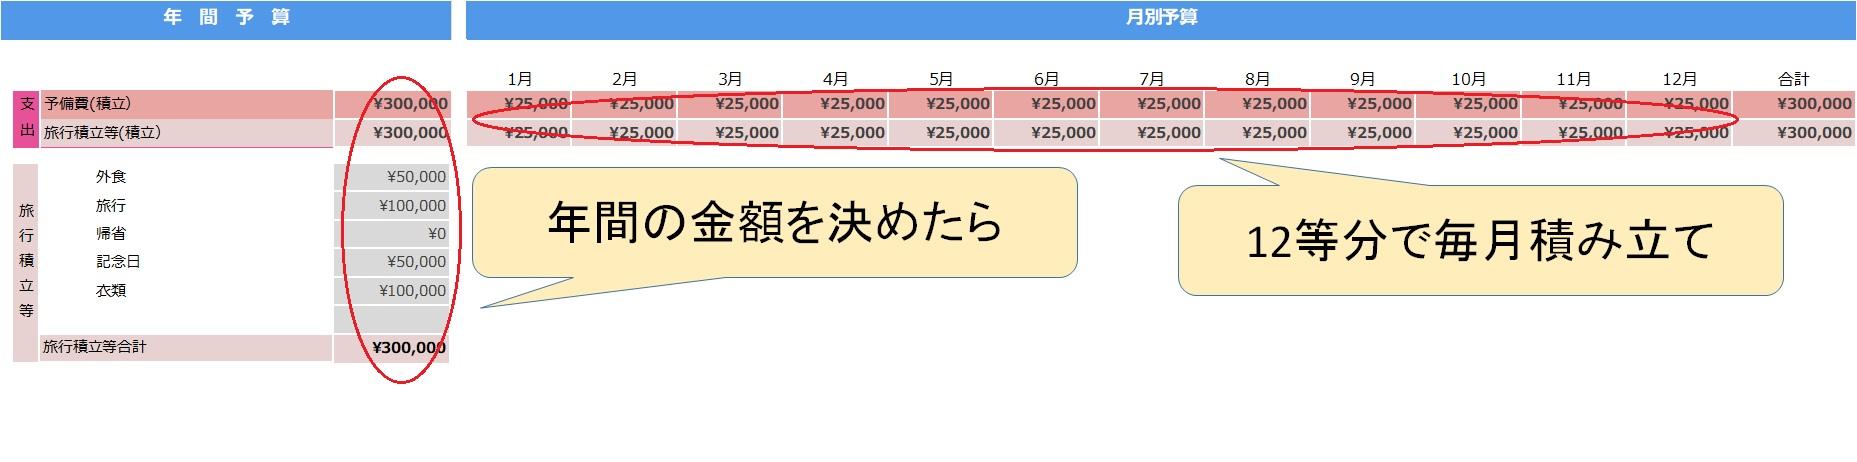 月別貯蓄目標の立て方の説明(予備費・旅行積立等)